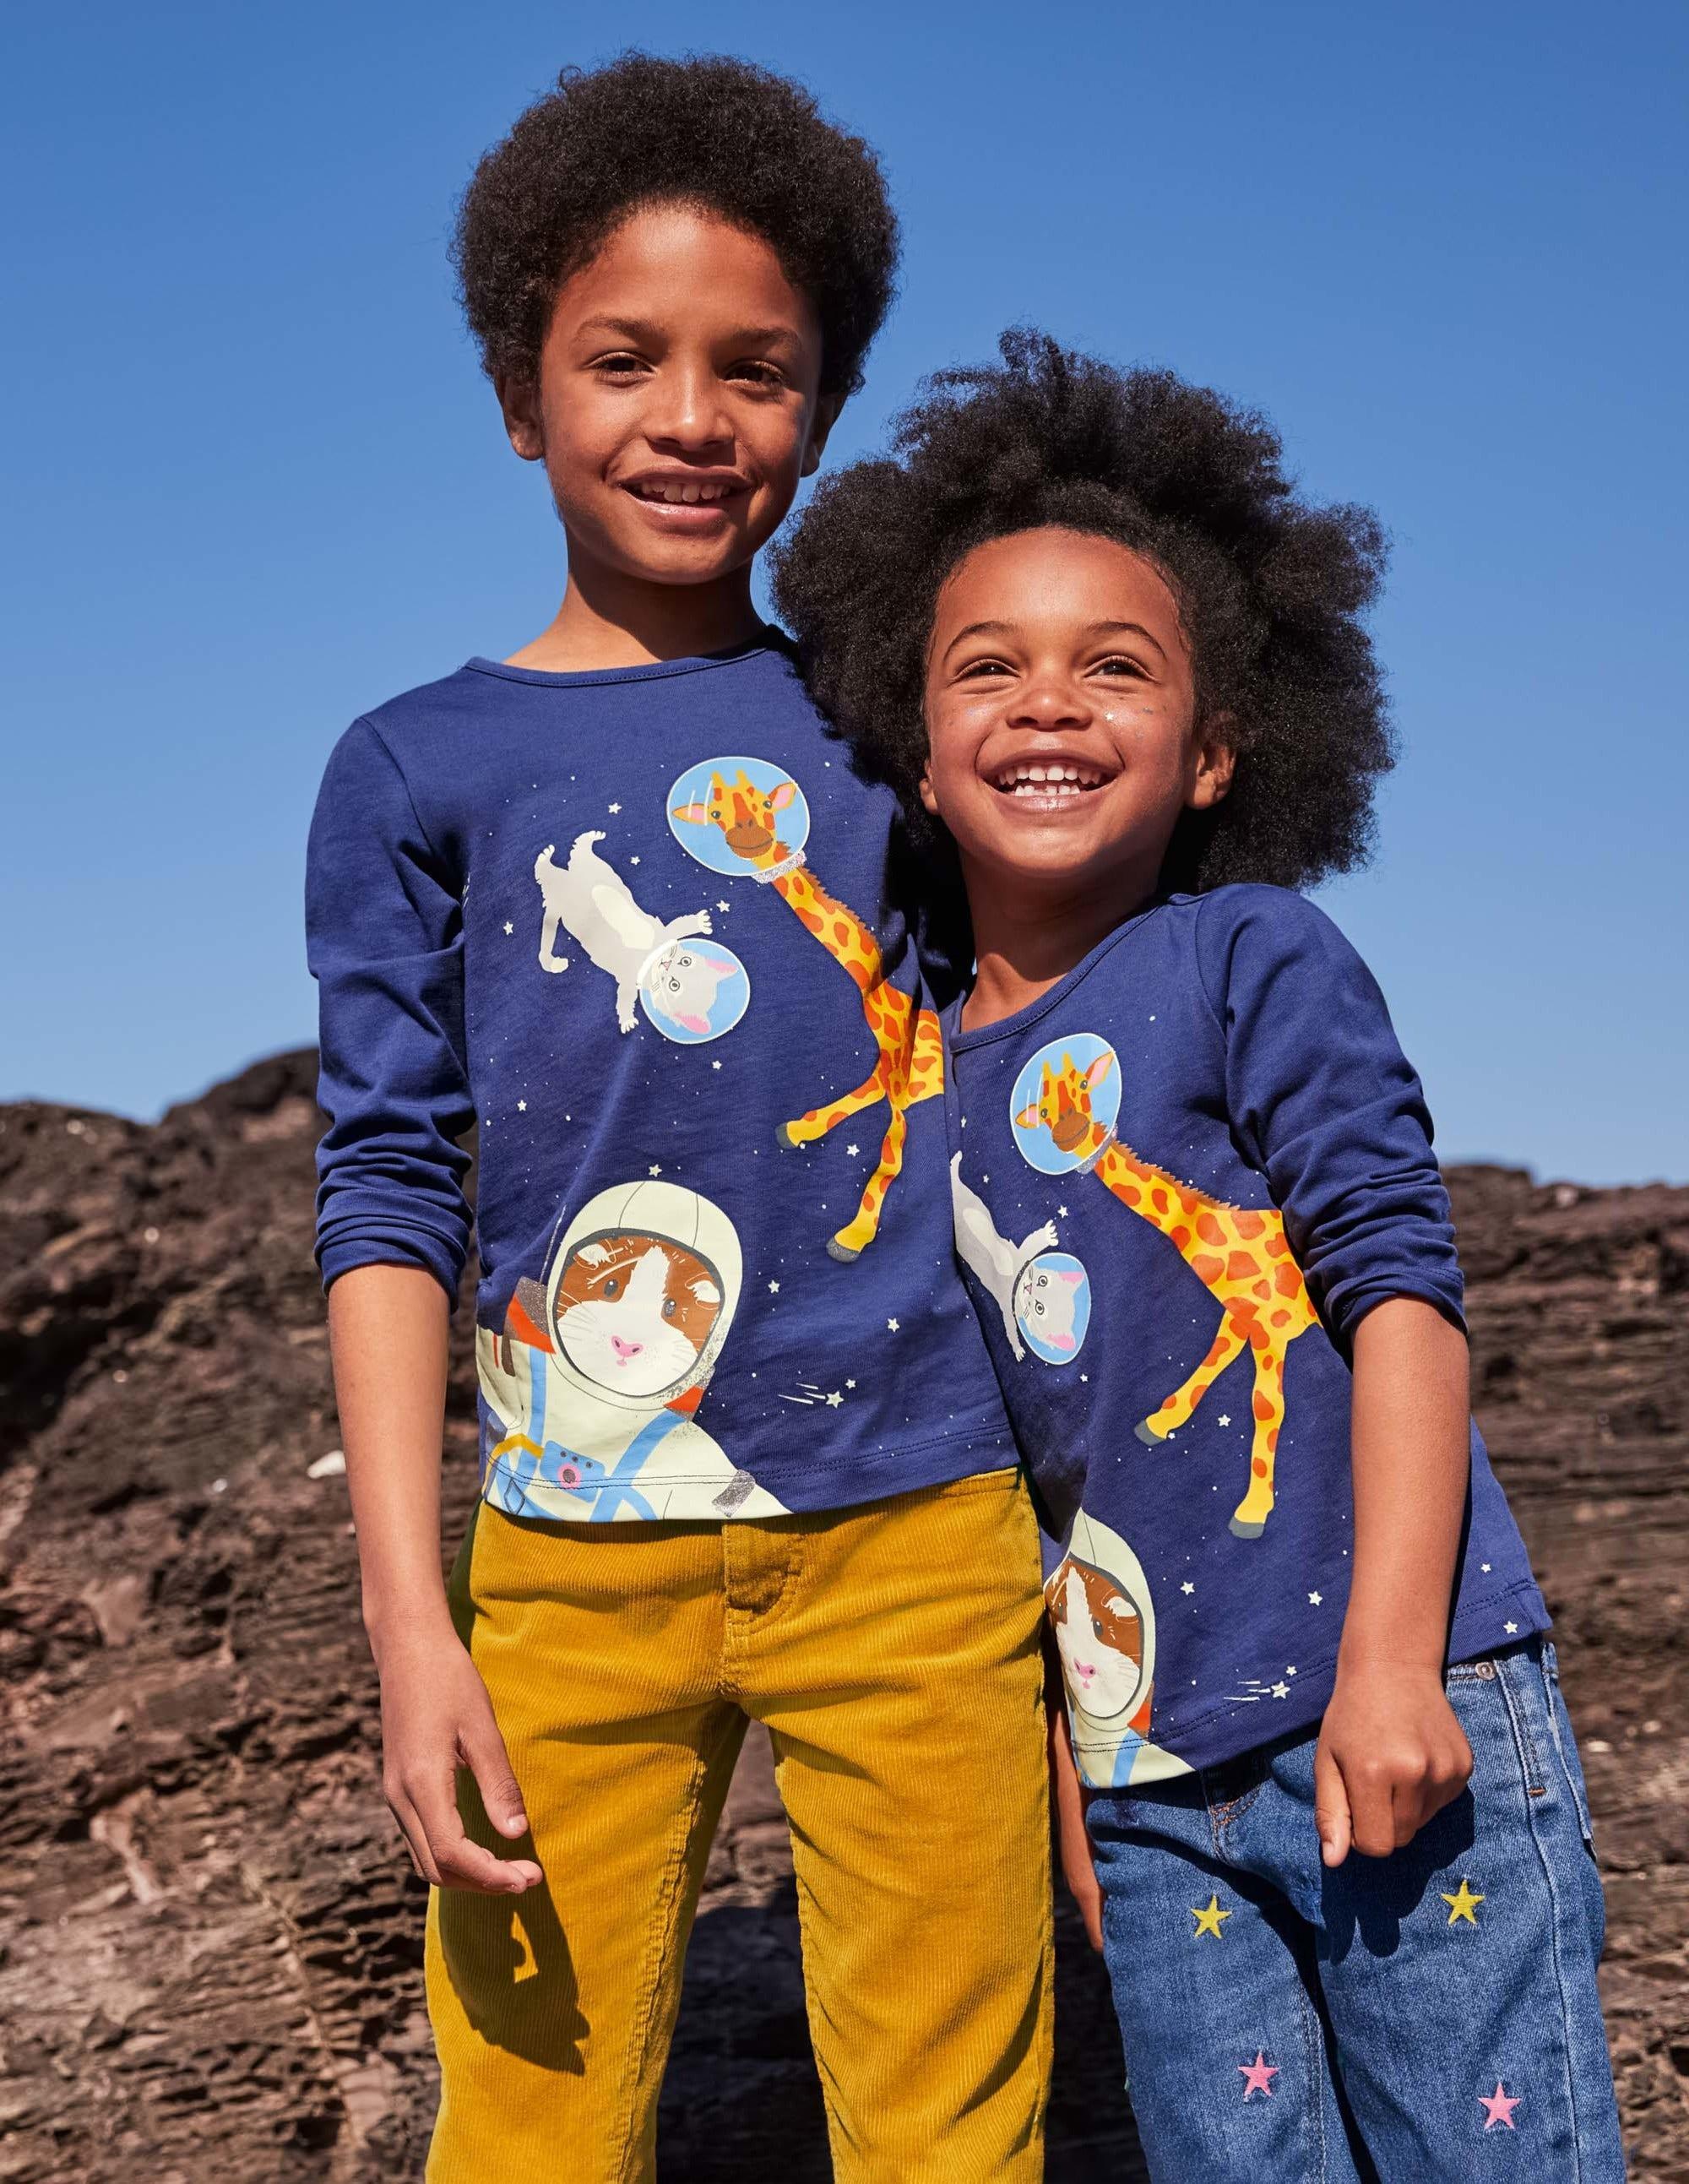 Boden Glow-in-the-dark Logo T-Shirt - Starboard Blue Space Animals